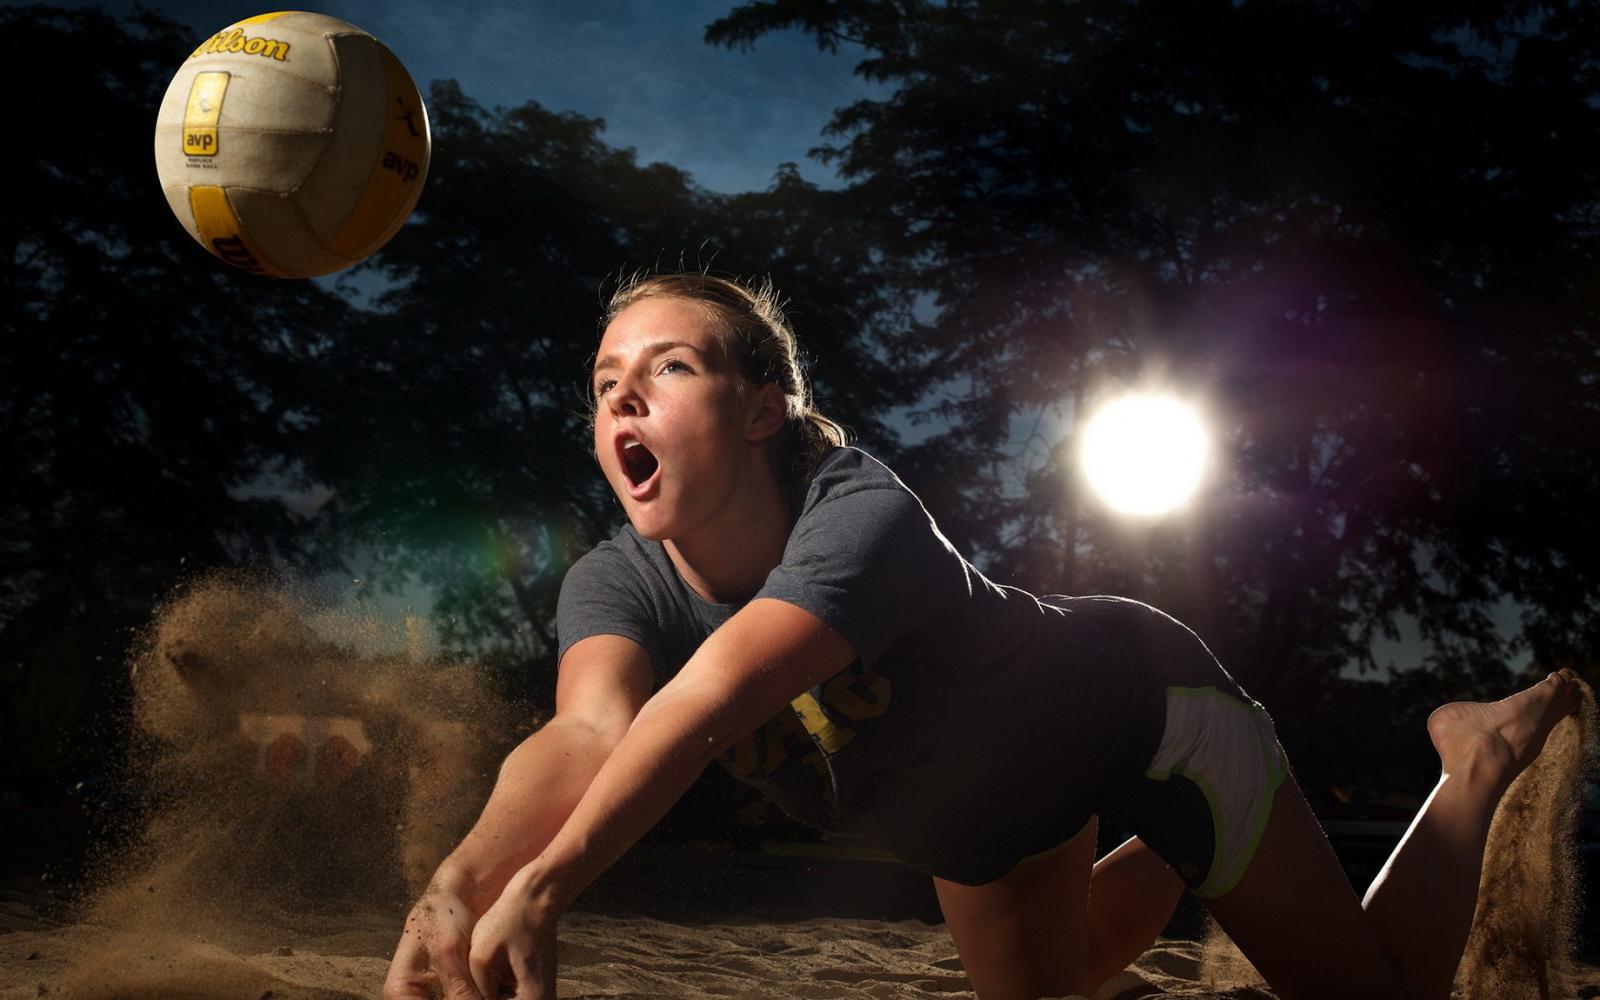 Beautiful Beach Volleyballer Girl 2013 Hd Desktop Wallpaper MRSPORT 1600x1000